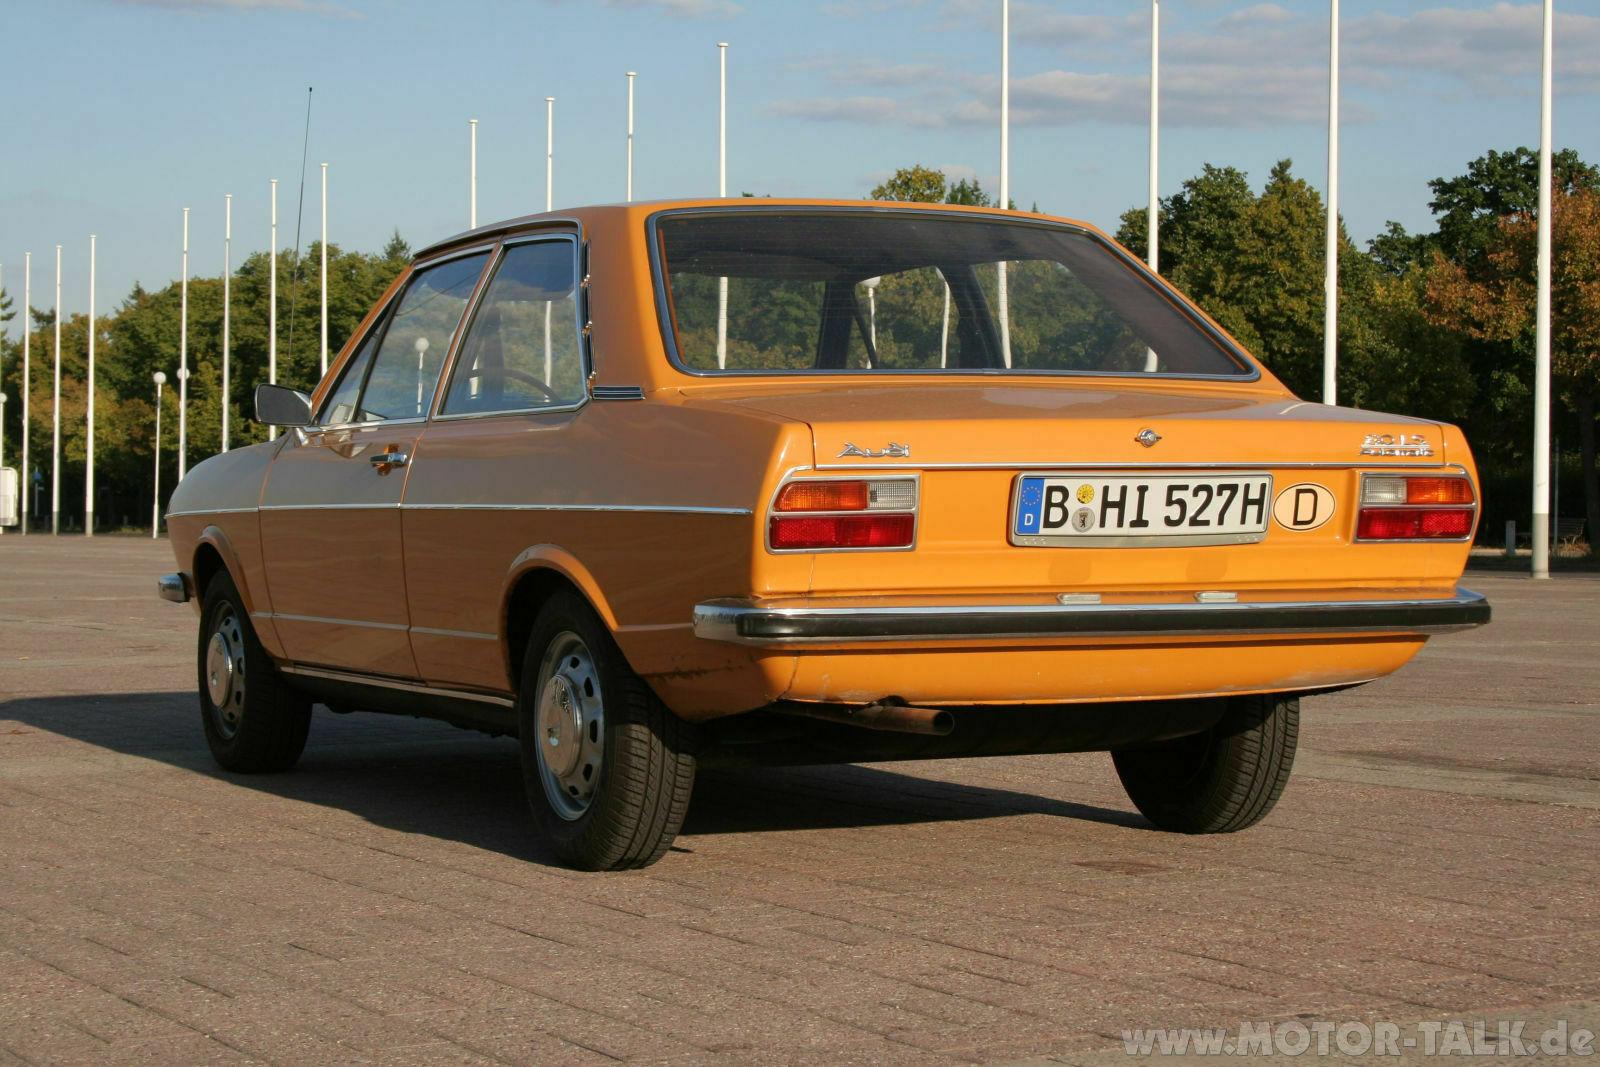 Audi 80 L 1973 motor-talk